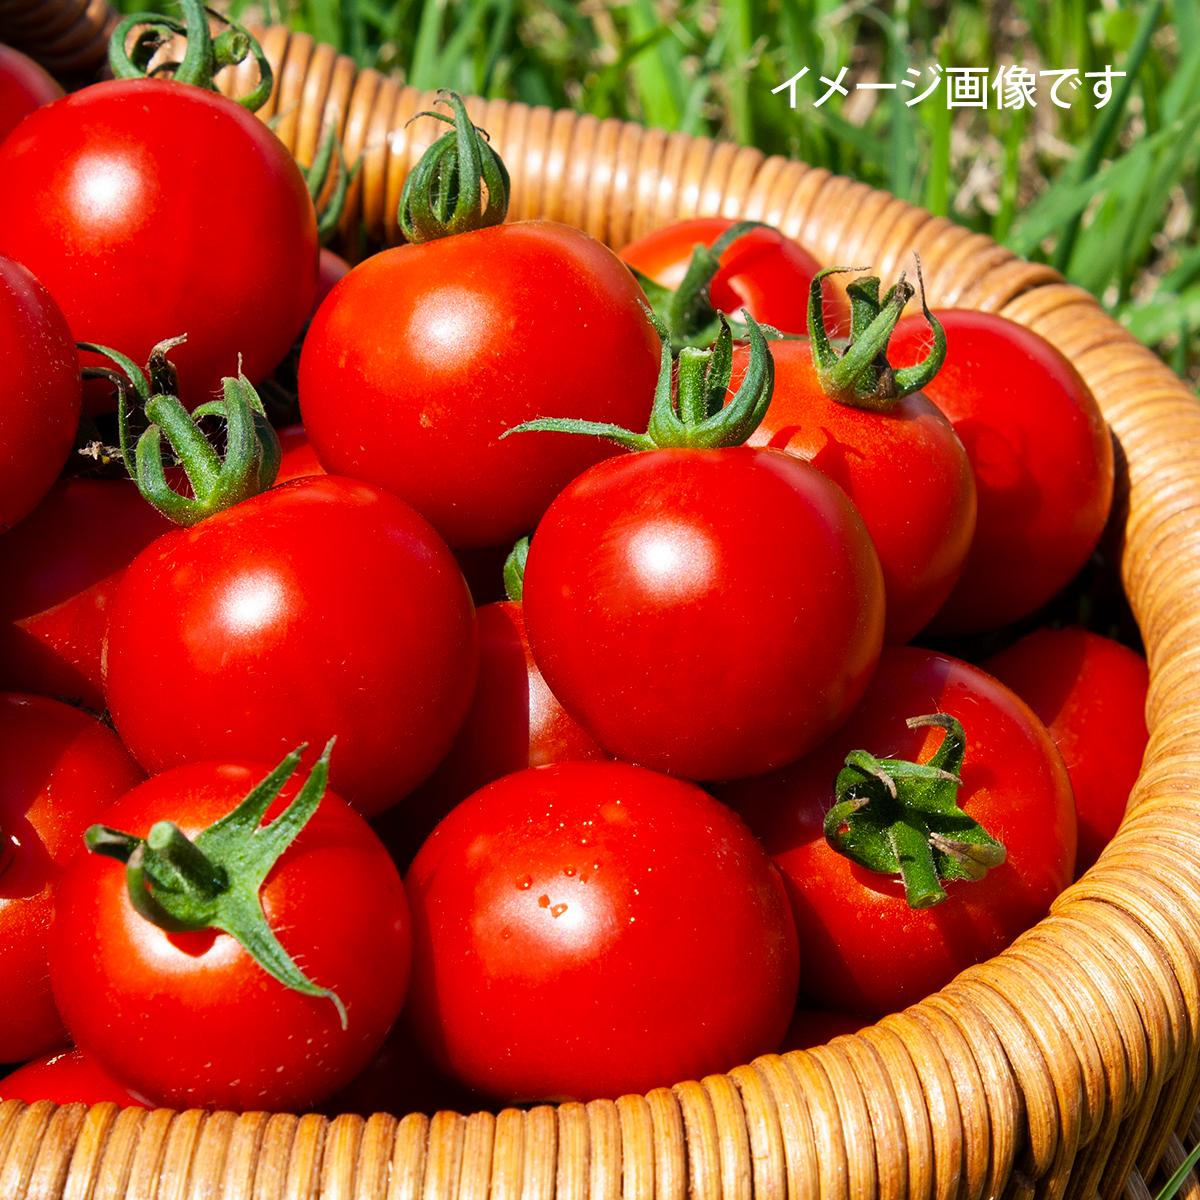 【期間限定】小泉農園厳選・美味トマトーミディ / 3Kg